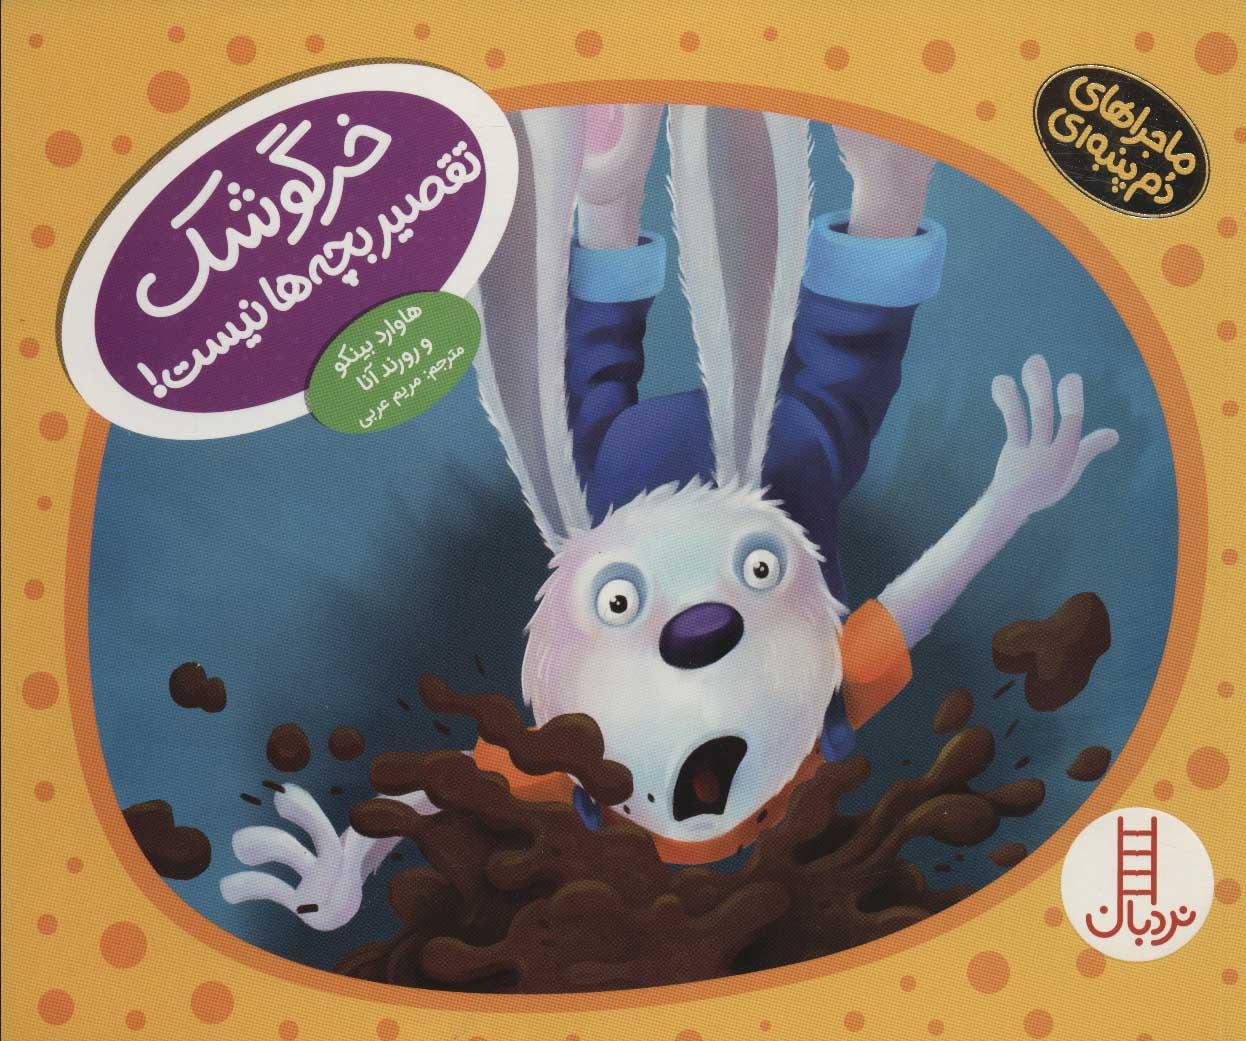 خرگوشک تقصیر بچه ها نیست! (ماجراهای دم پنبه ای)،(گلاسه)